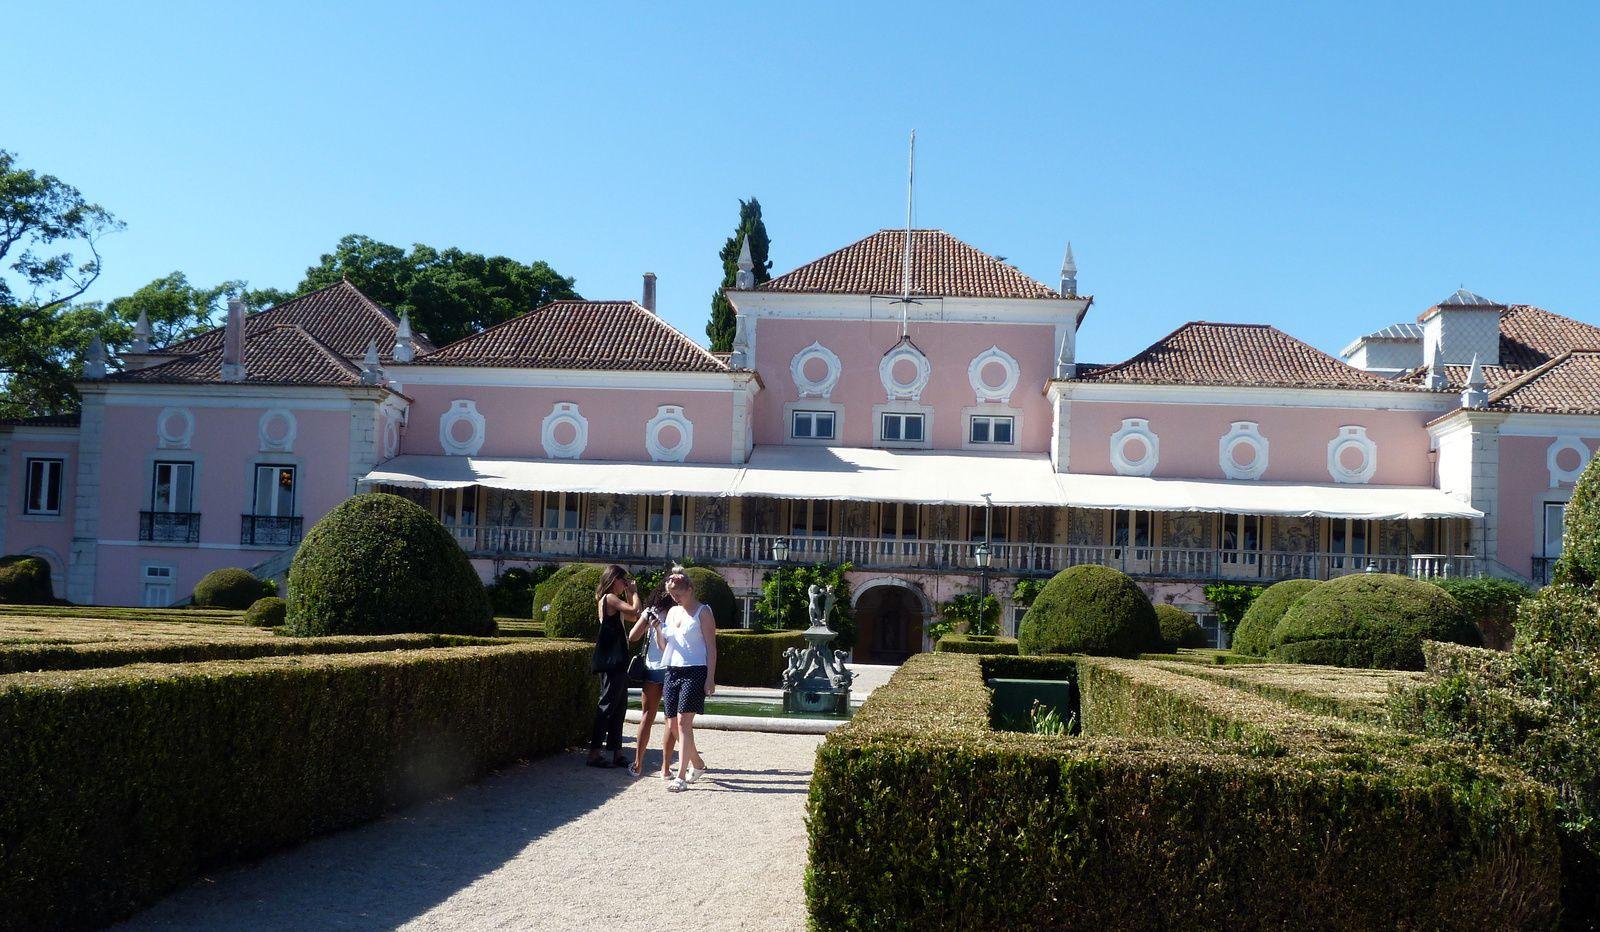 Vive les vacances le blog de france portugal europe for Visite de jardins en france